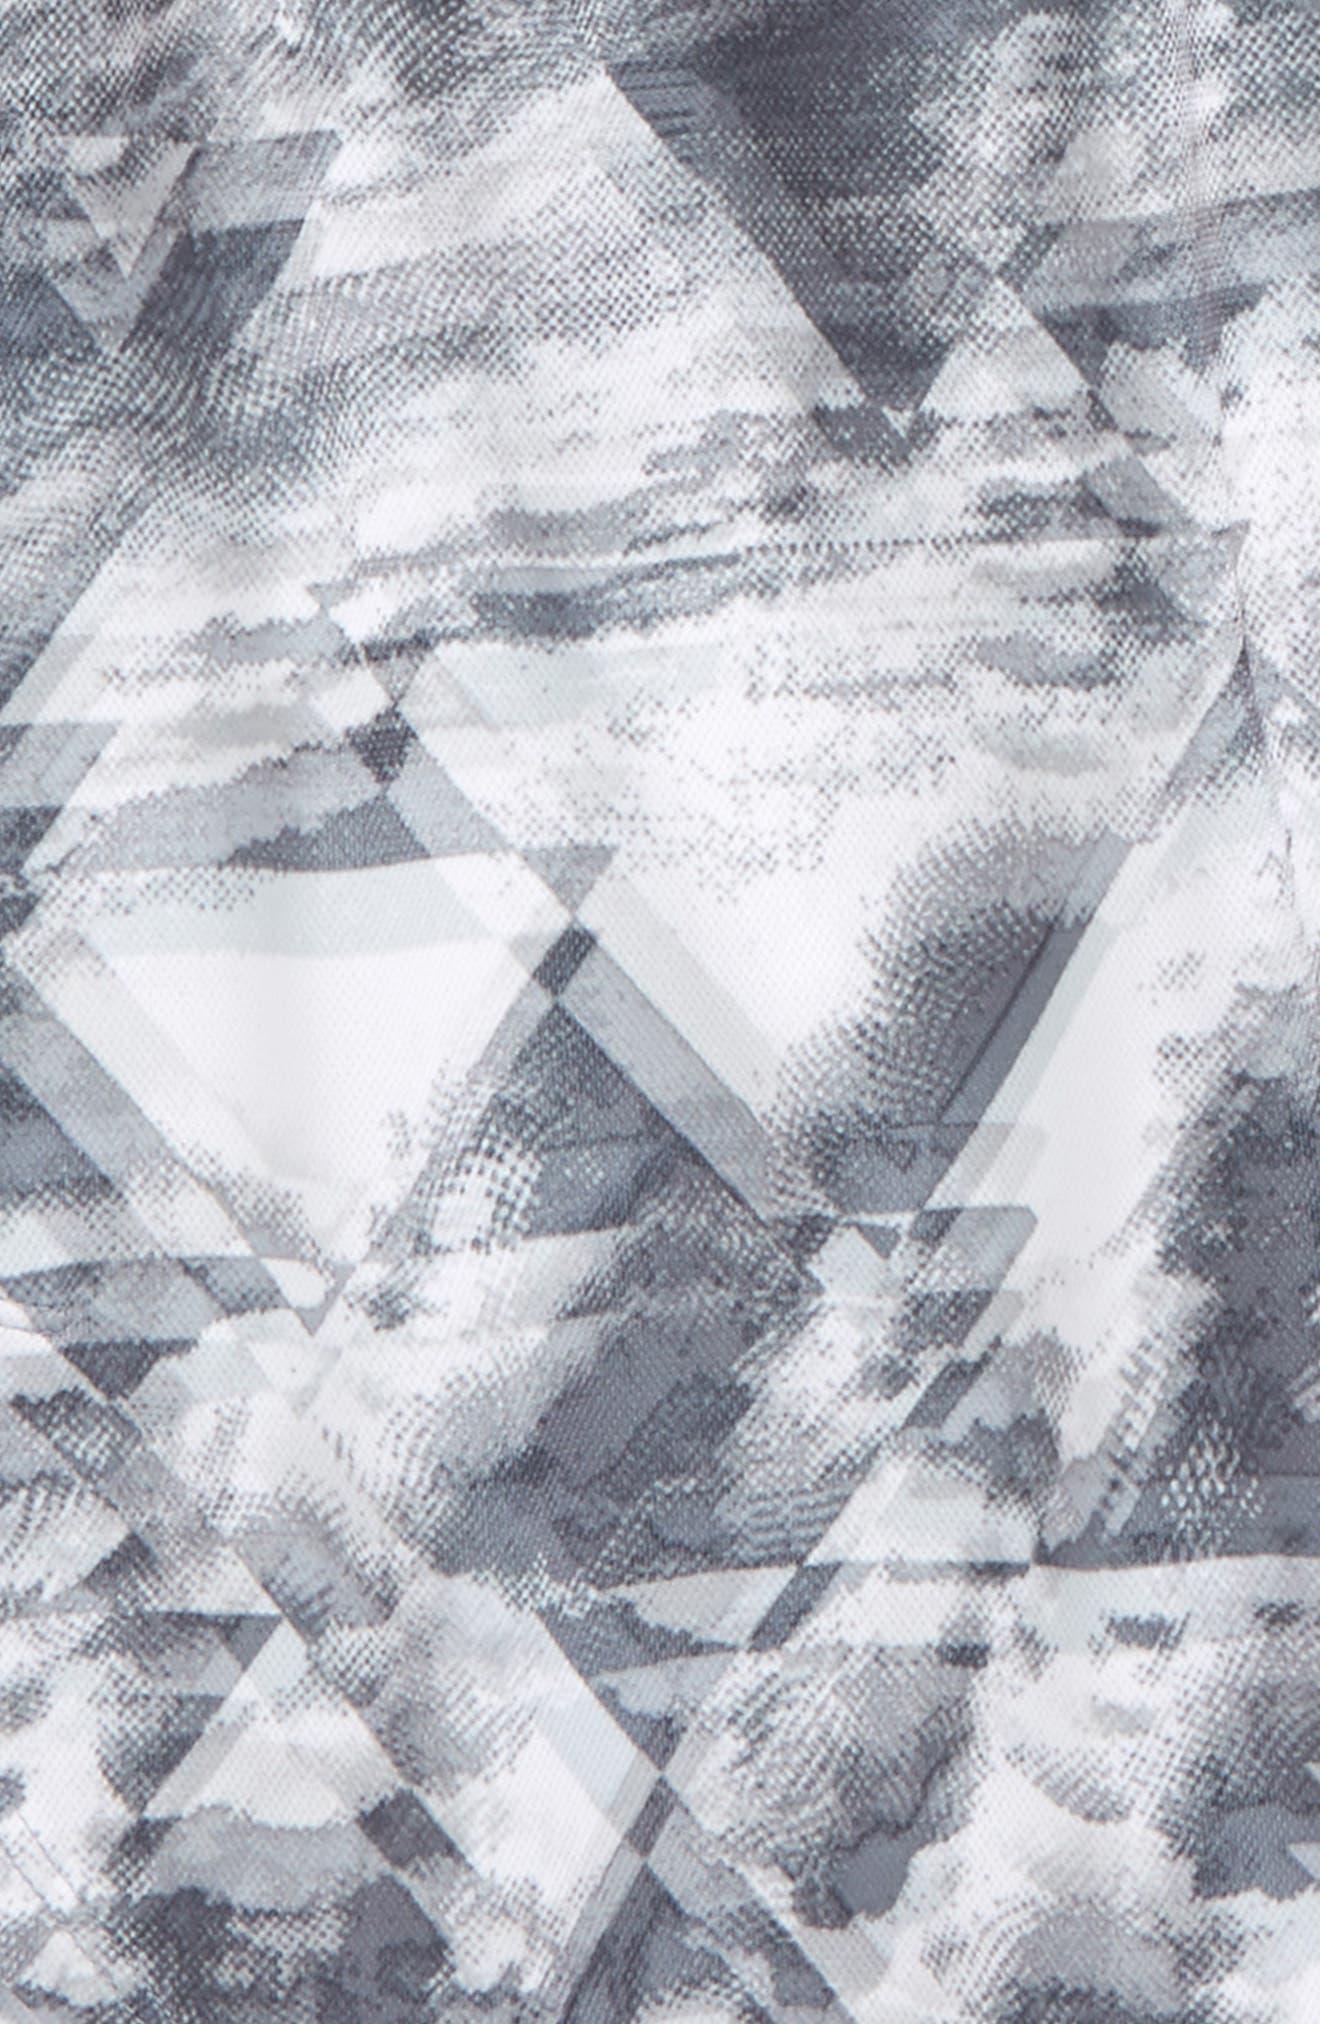 Dry Vent Print Training Shorts,                             Alternate thumbnail 2, color,                             053